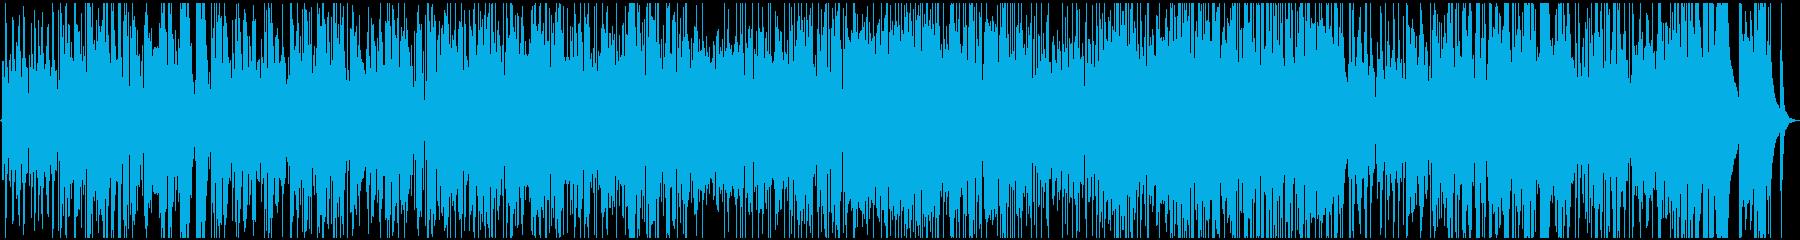 スイングジャズインストゥルメンタル...の再生済みの波形